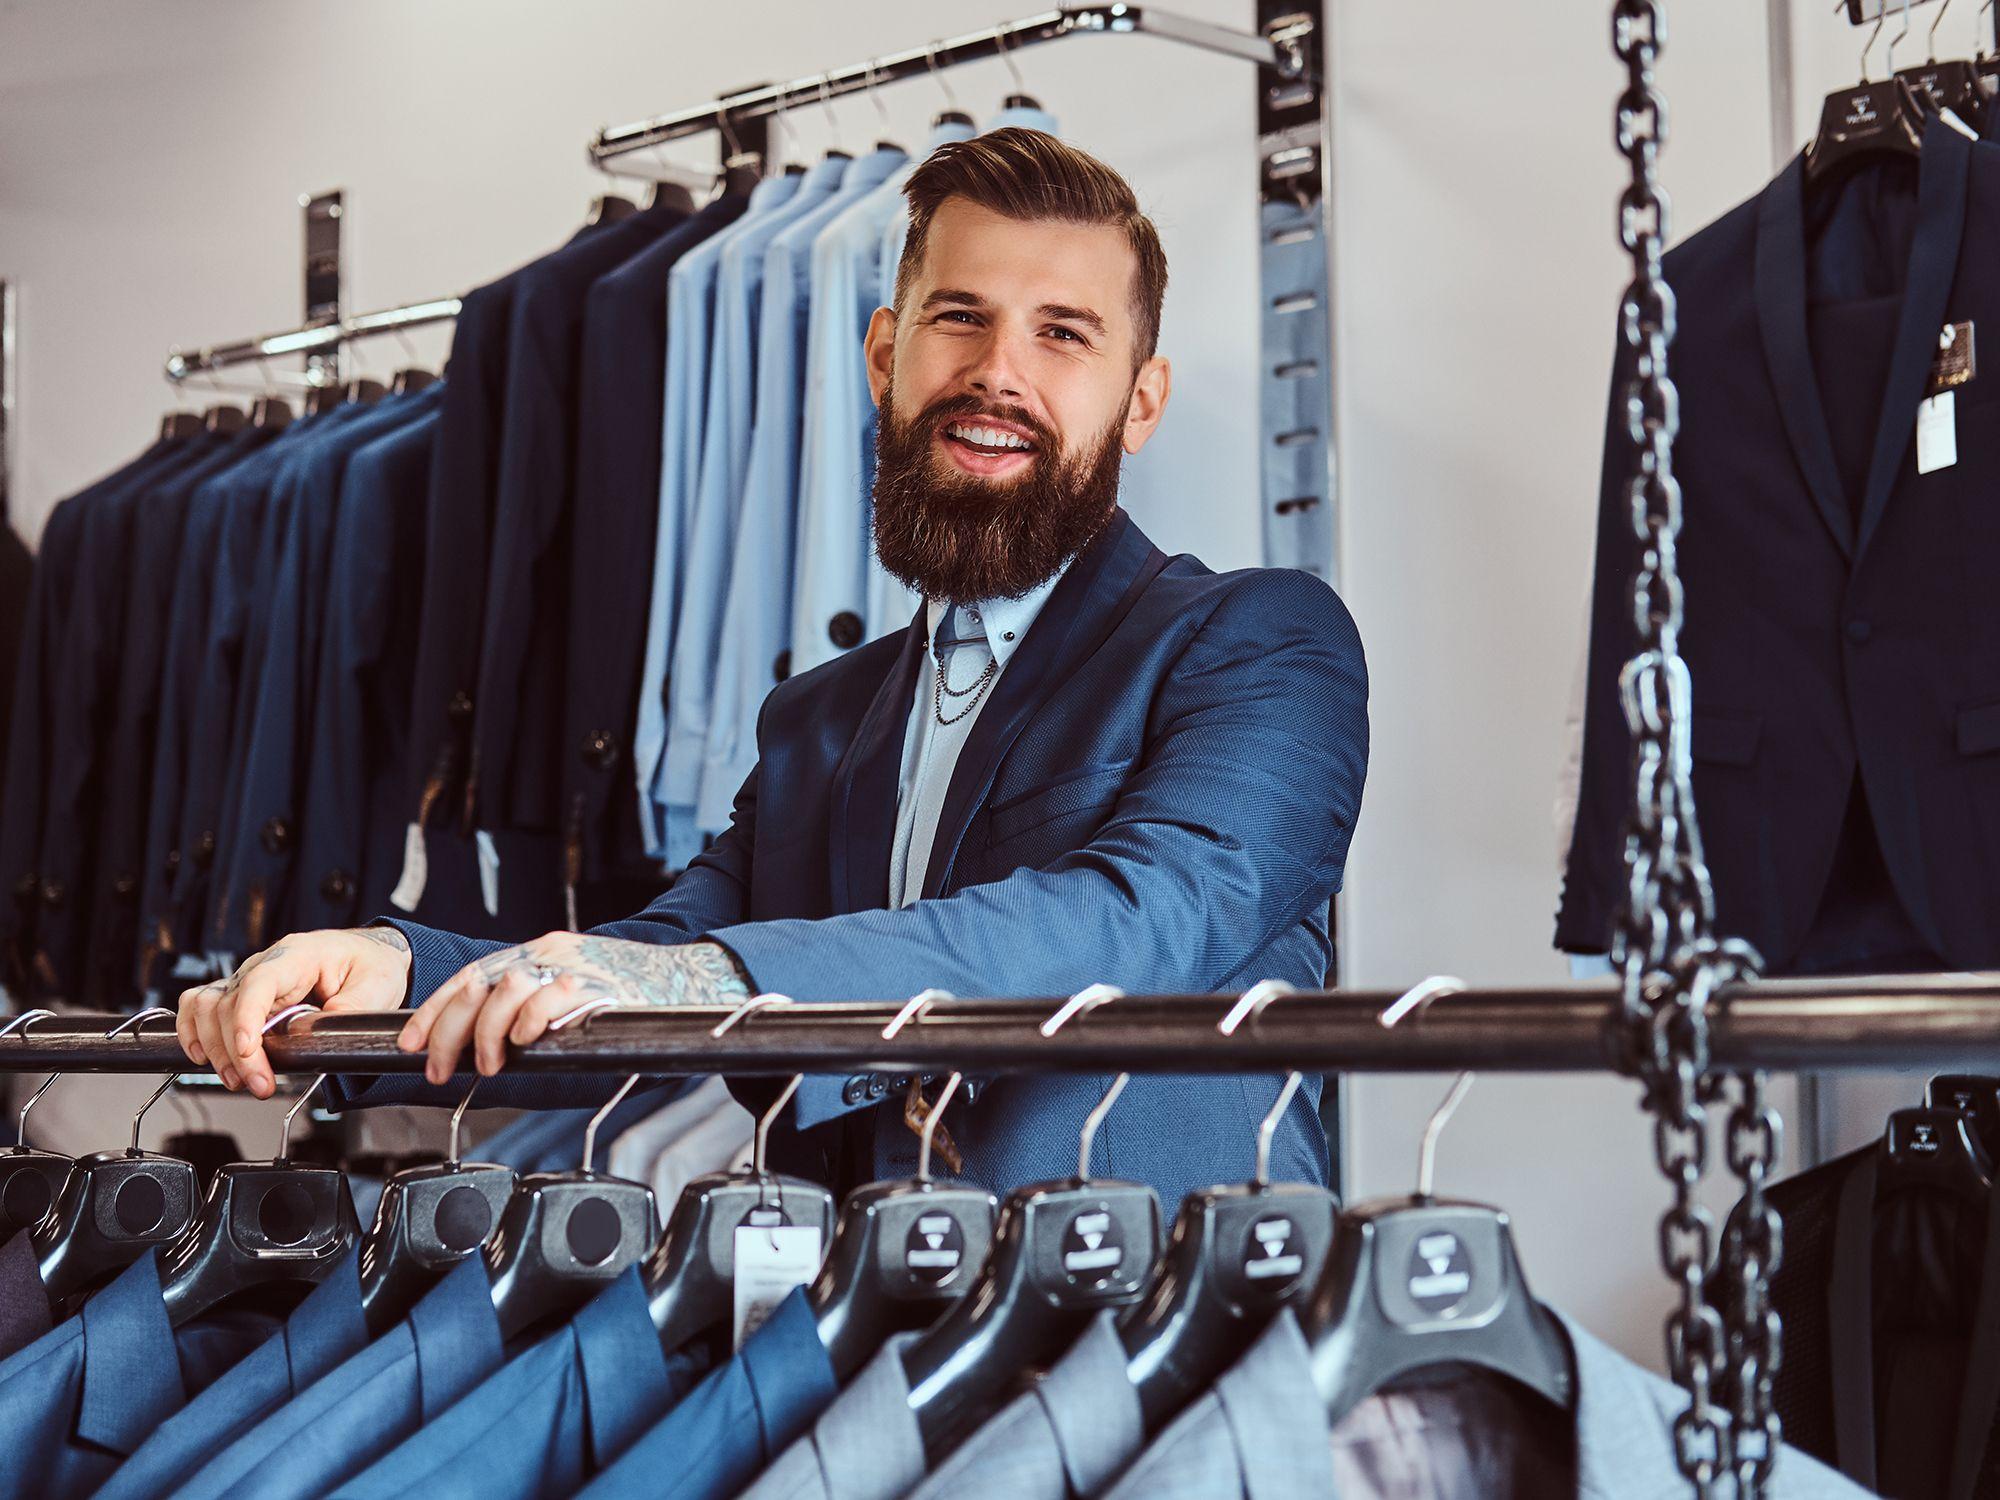 Level 5 - Pop-up-Verkäufer wie Verkaufsprofis, Pop-up-Store Personal, Verkaufstalente, Verkaufsberater, Verkaufsmitarbeiter und Vertriebler zwecks direkter Personalvermittlung oder Zeitarbeit per Arbeitnehmerüberlassung und Personalüberlassung für den Einzelhandel, Pop-up-Shops, Pop-up Retail, Boutique, Pop up Stores, Pop up Laden, Outlets, Pop Up Bars, Pop Up Container, Pop up Locations, Pop up Unternehmen, Pop up Wall, Kundenservice, Kundenbetreuung, Kundenbindung, Verkaufsförderung und Absatzförderung finden und buchen